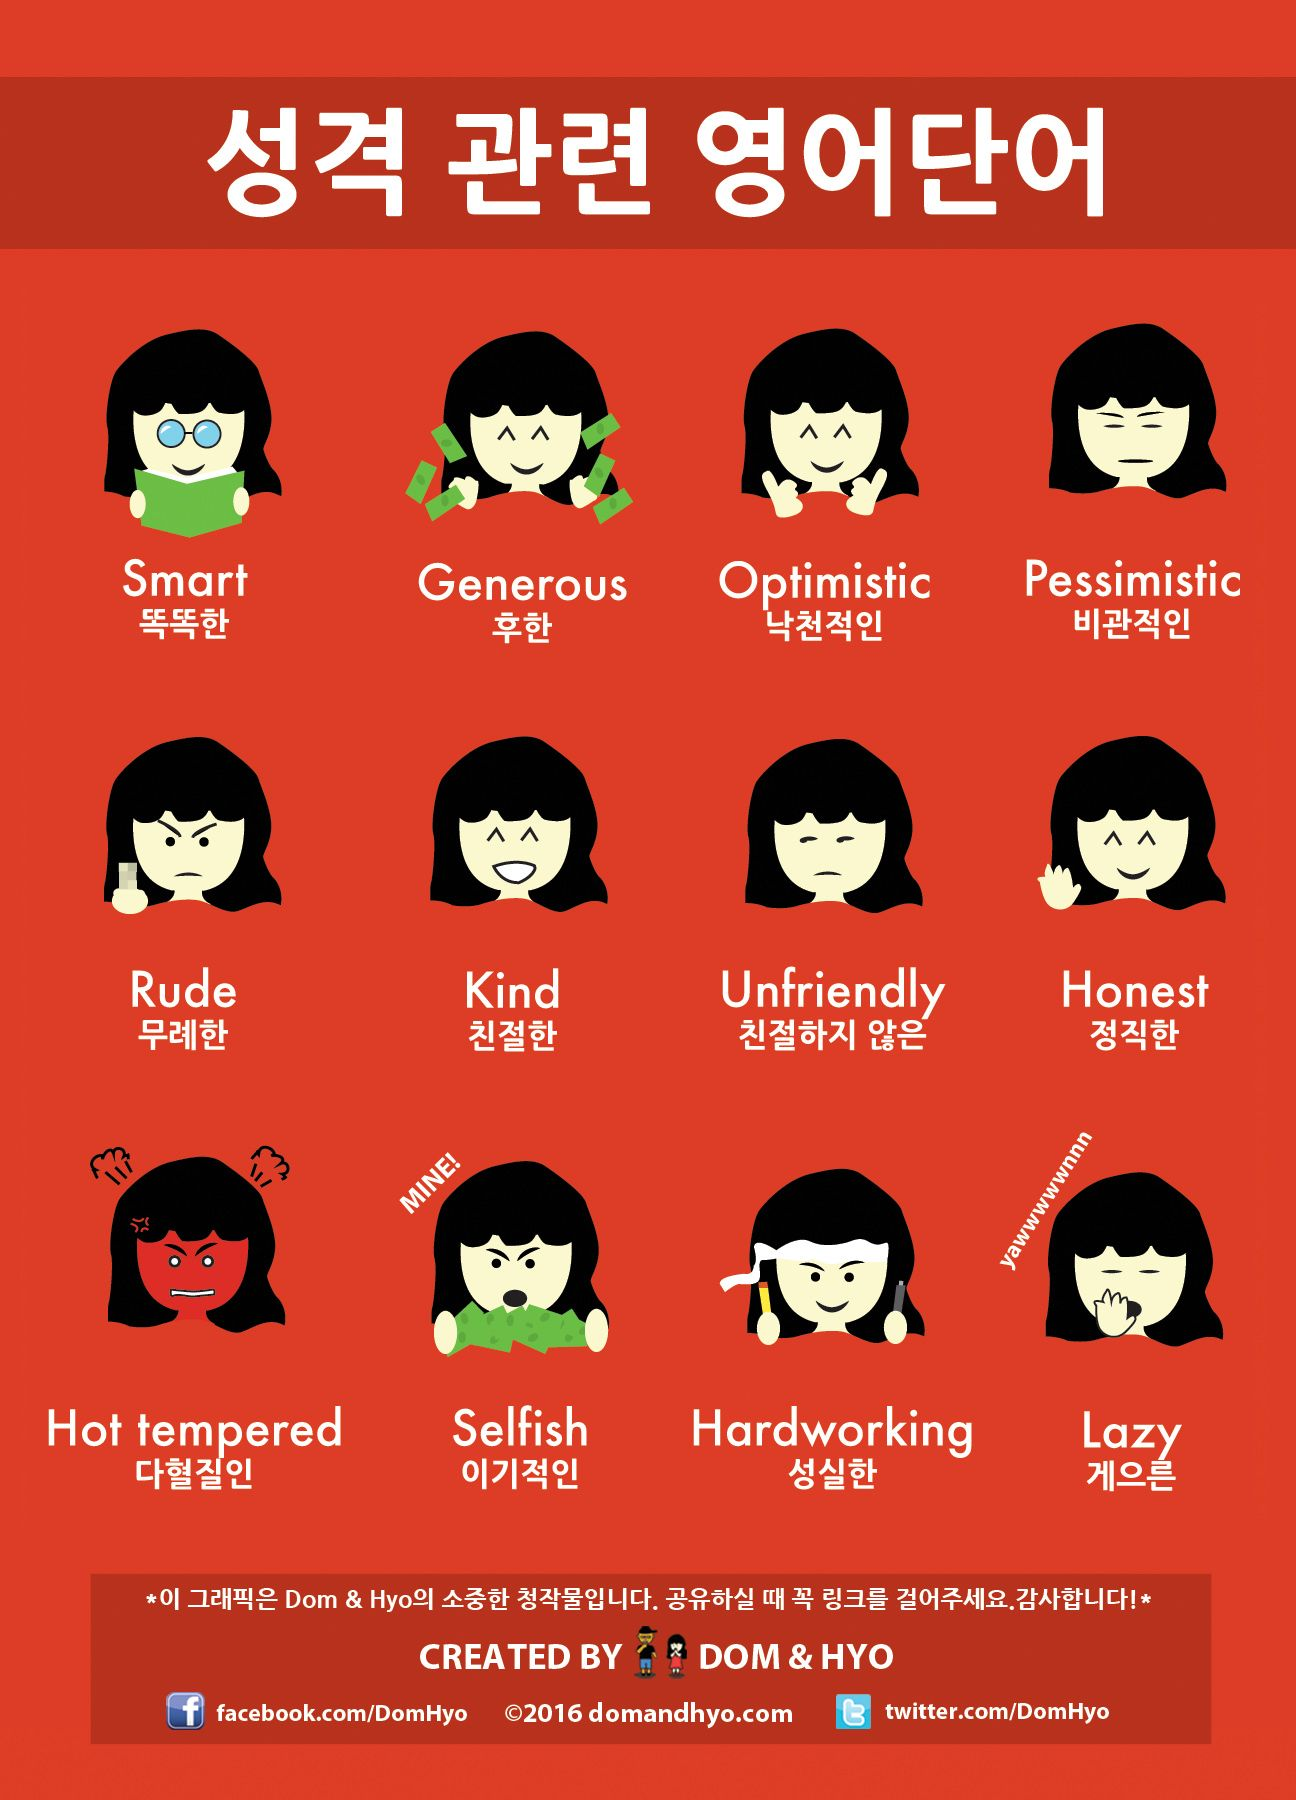 성격 관련 영어단어